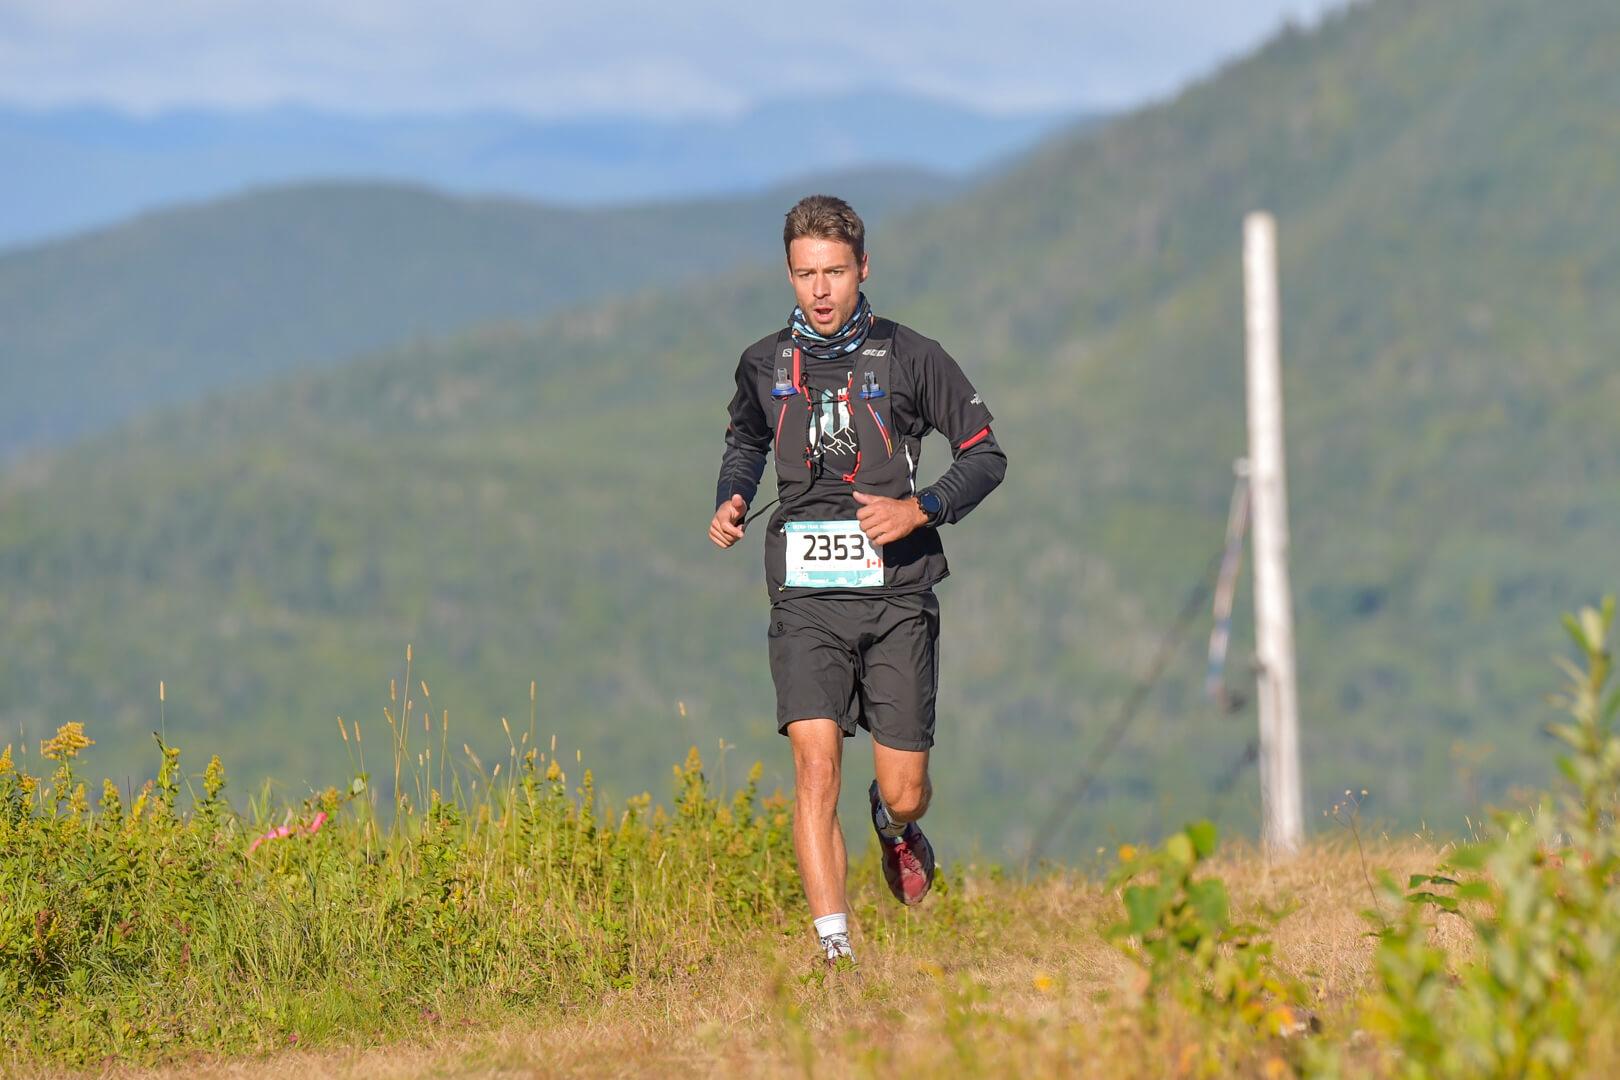 Éric Lévesque professeur éducation physique polyvalente Matane trail course sentiers Charlevoix